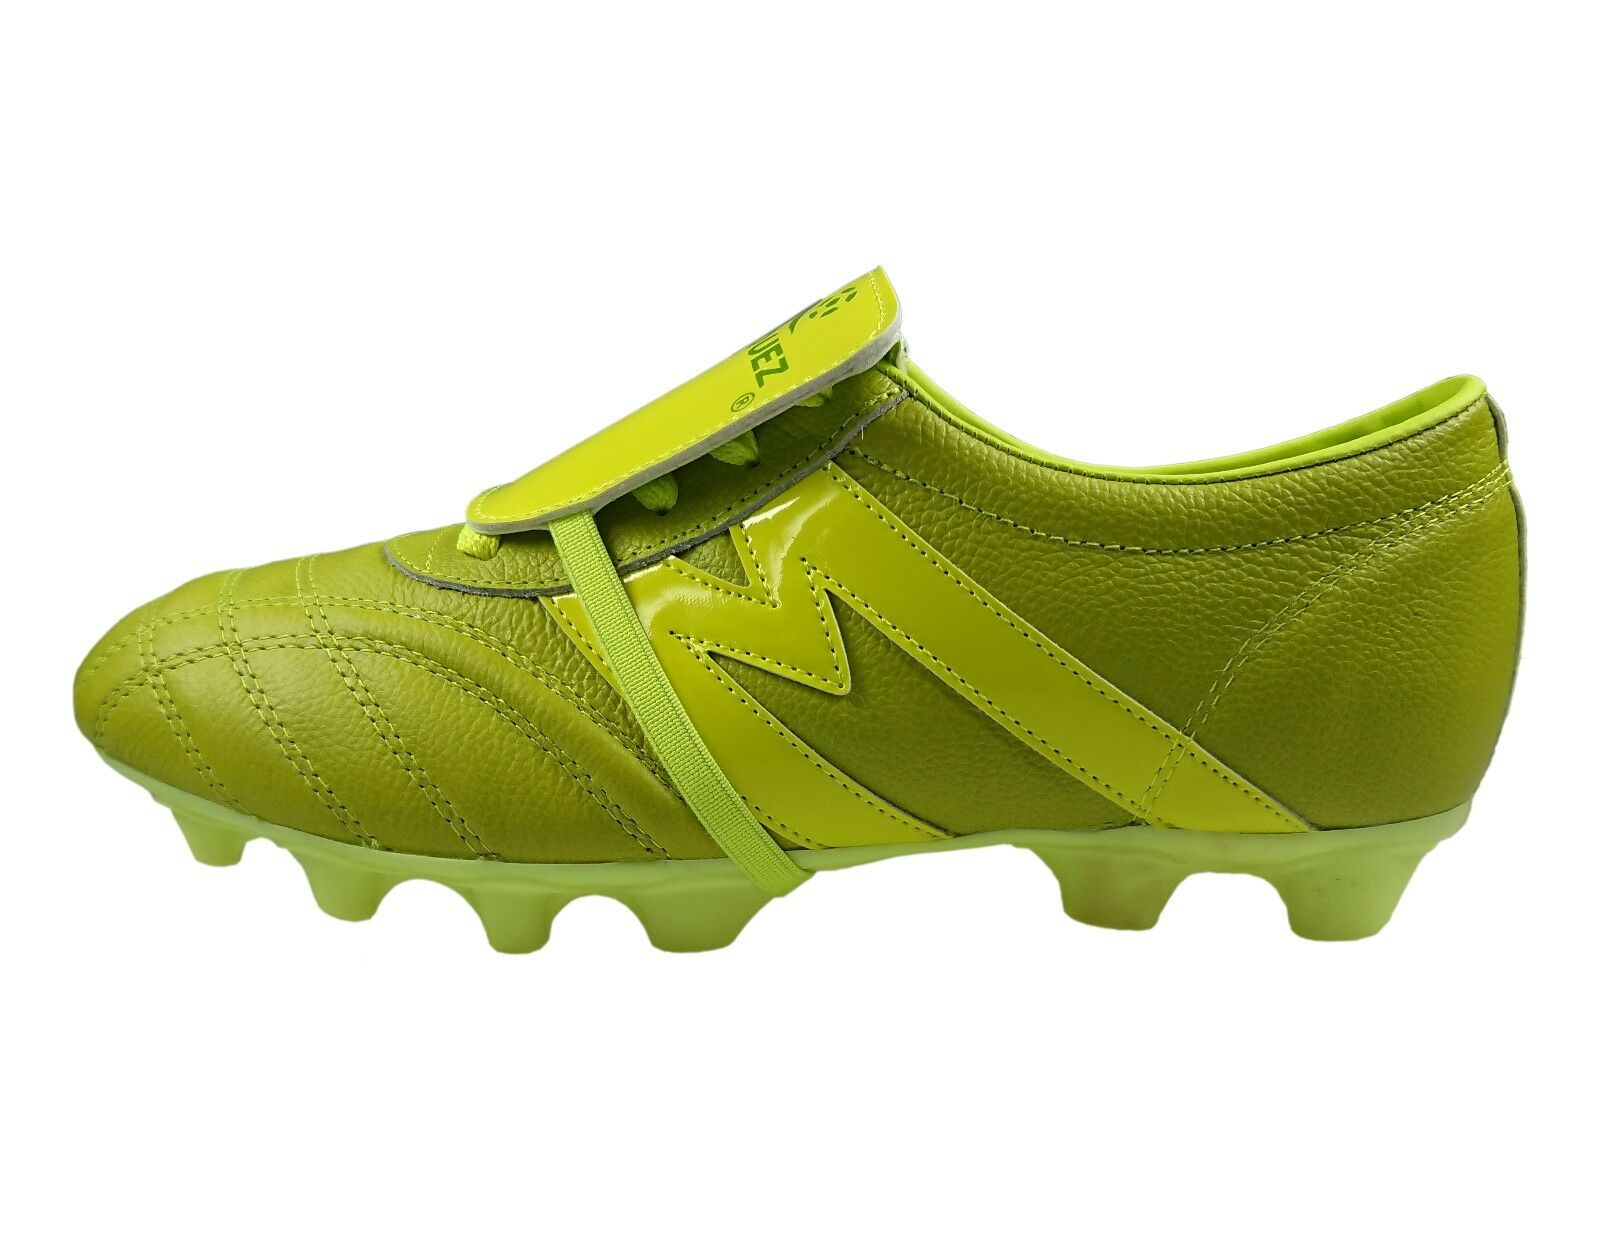 da4de7ae4ee Soccer Cleats Manriquez MID MID MID SX Total Green Genuine Leather 5e7e65